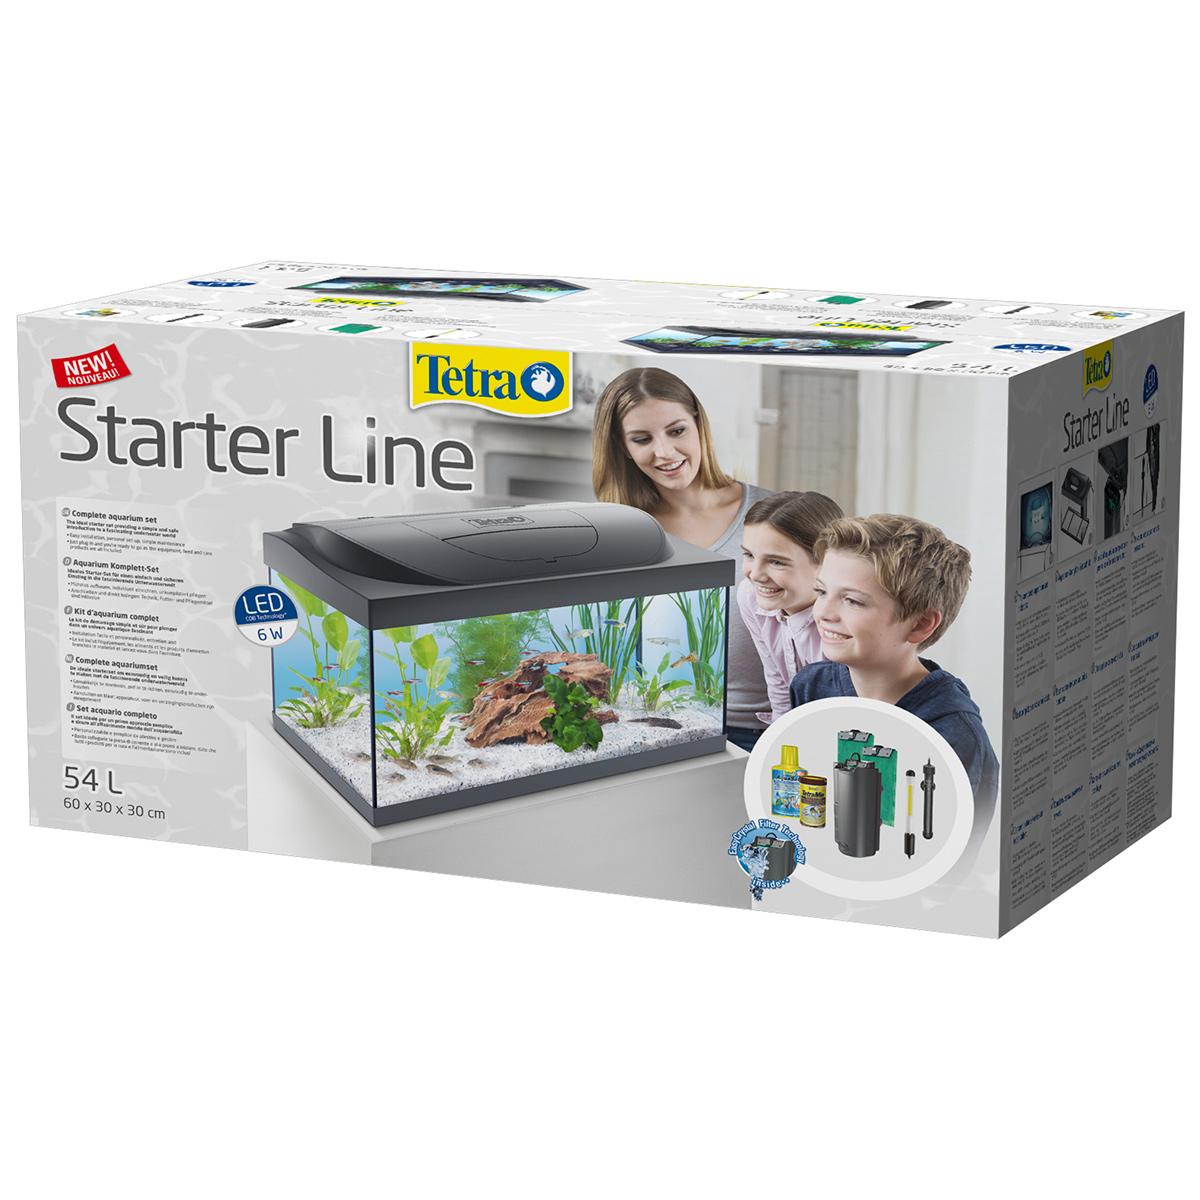 tetra starter line aquarium led 54 liter ebay. Black Bedroom Furniture Sets. Home Design Ideas